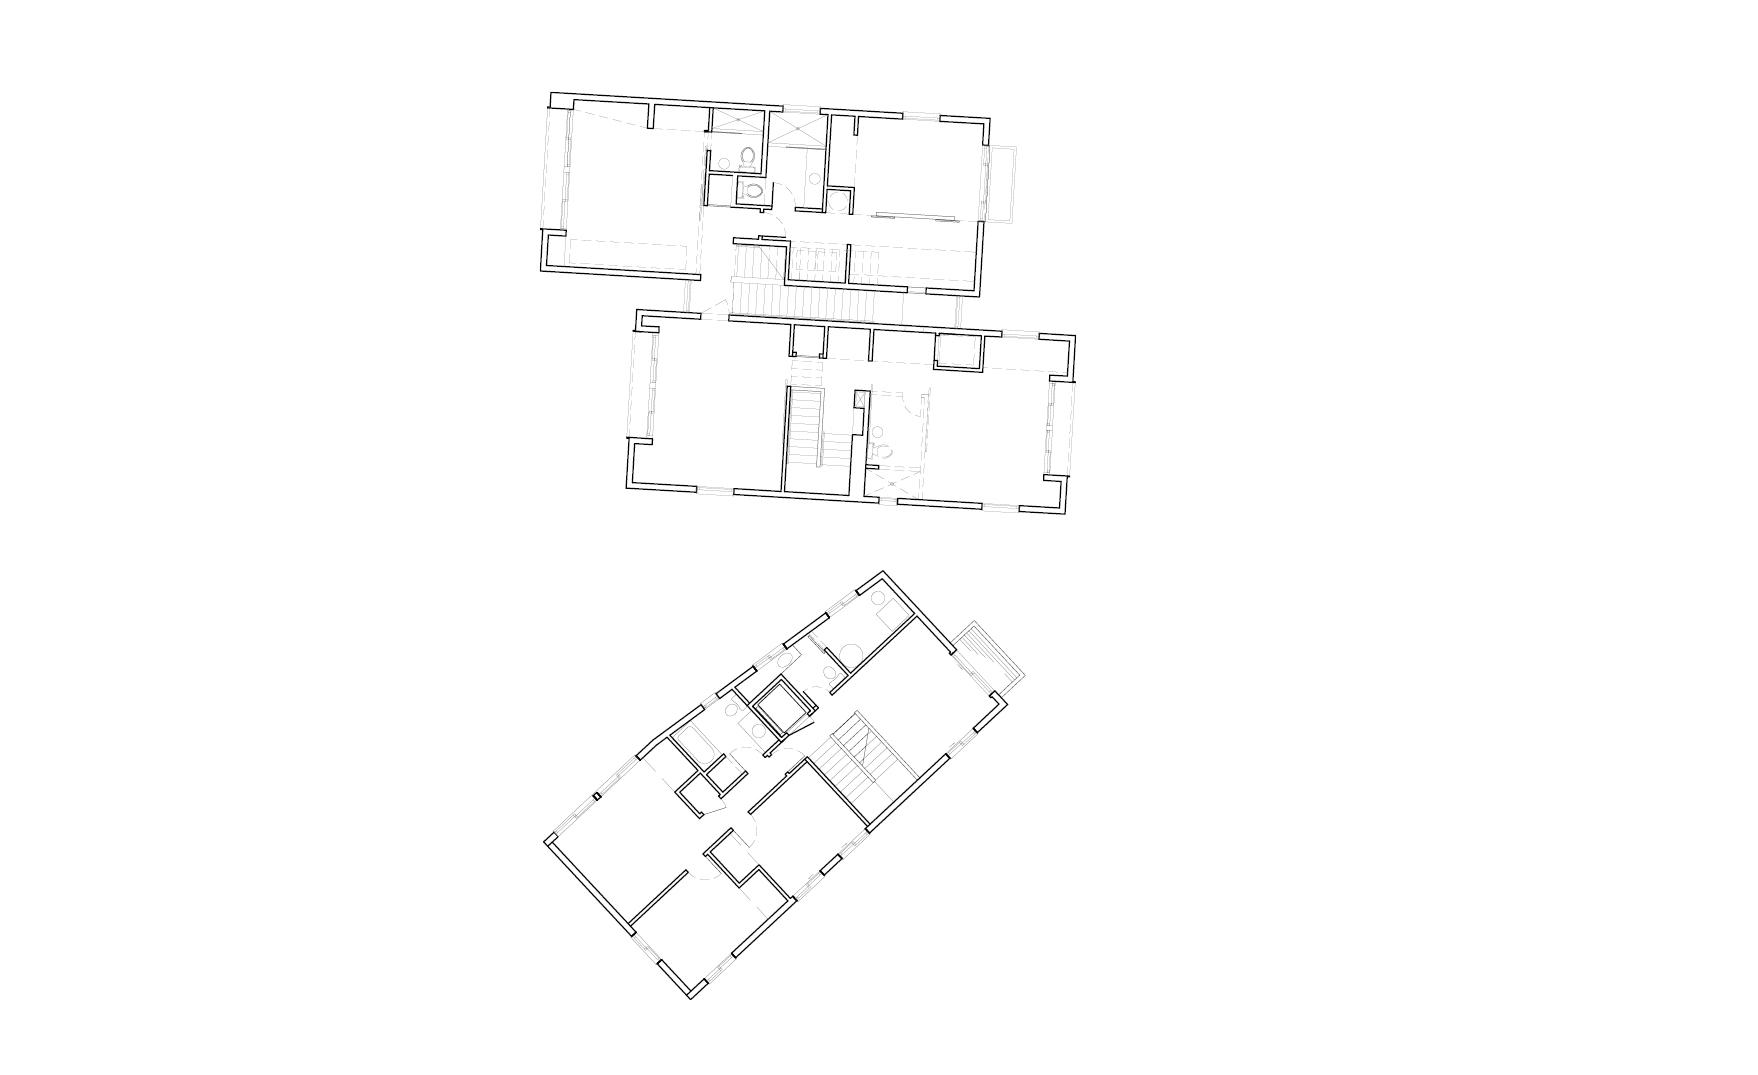 Leake_Floor Plan_2.jpg